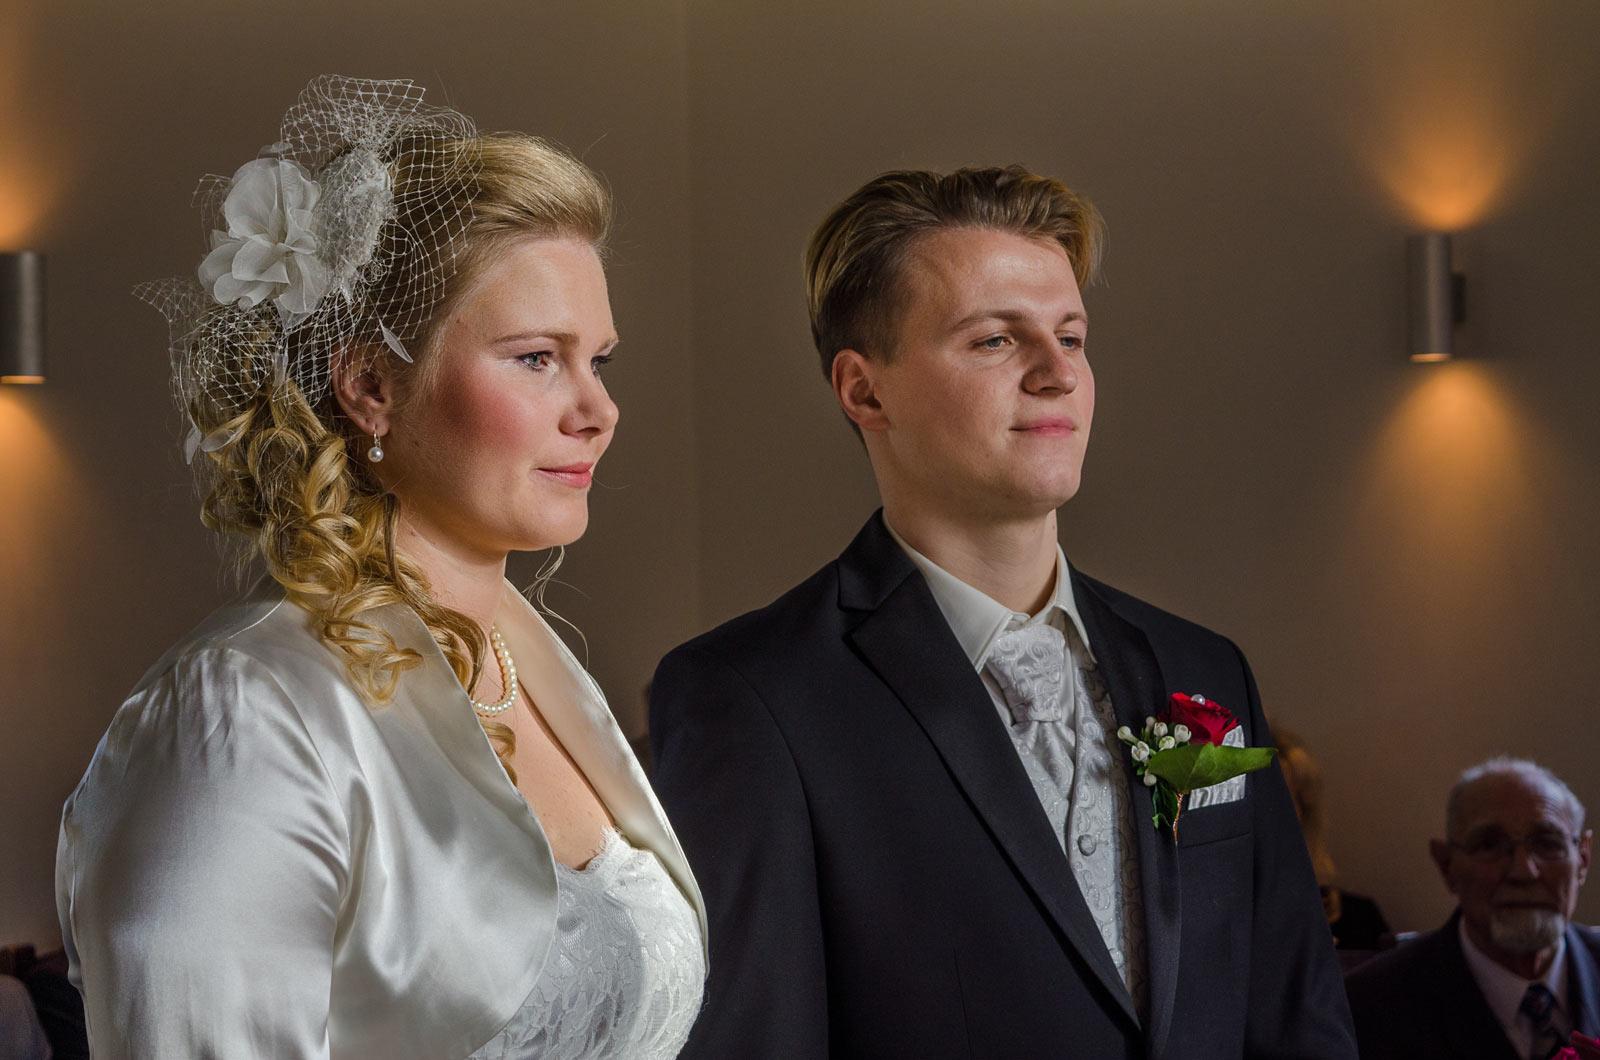 Hochzeit_Use-Domer_Fotografie_2